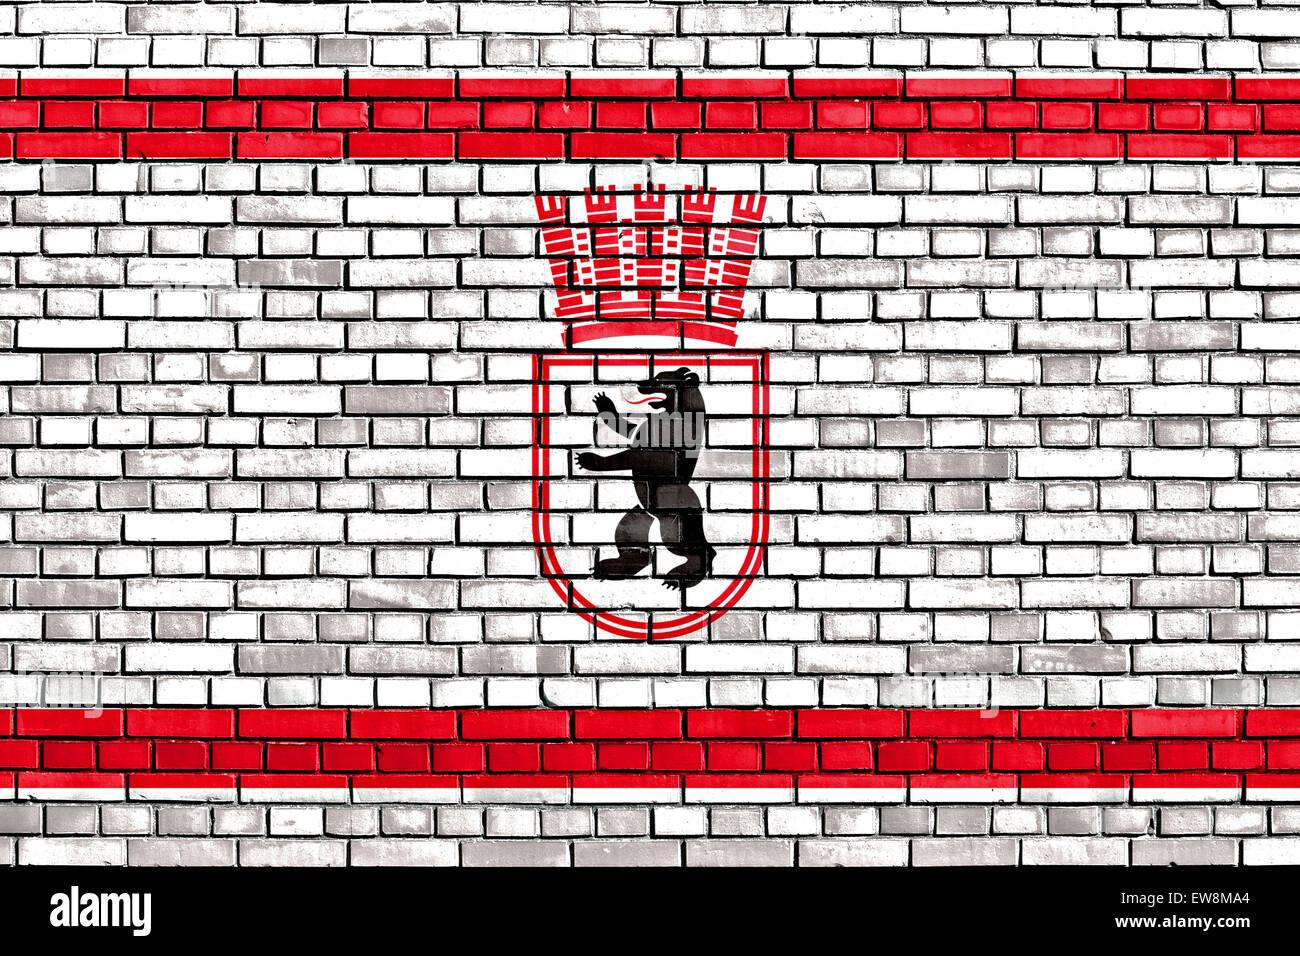 Bandera de Berlín Oriental pintado sobre la pared de ladrillo Imagen De Stock